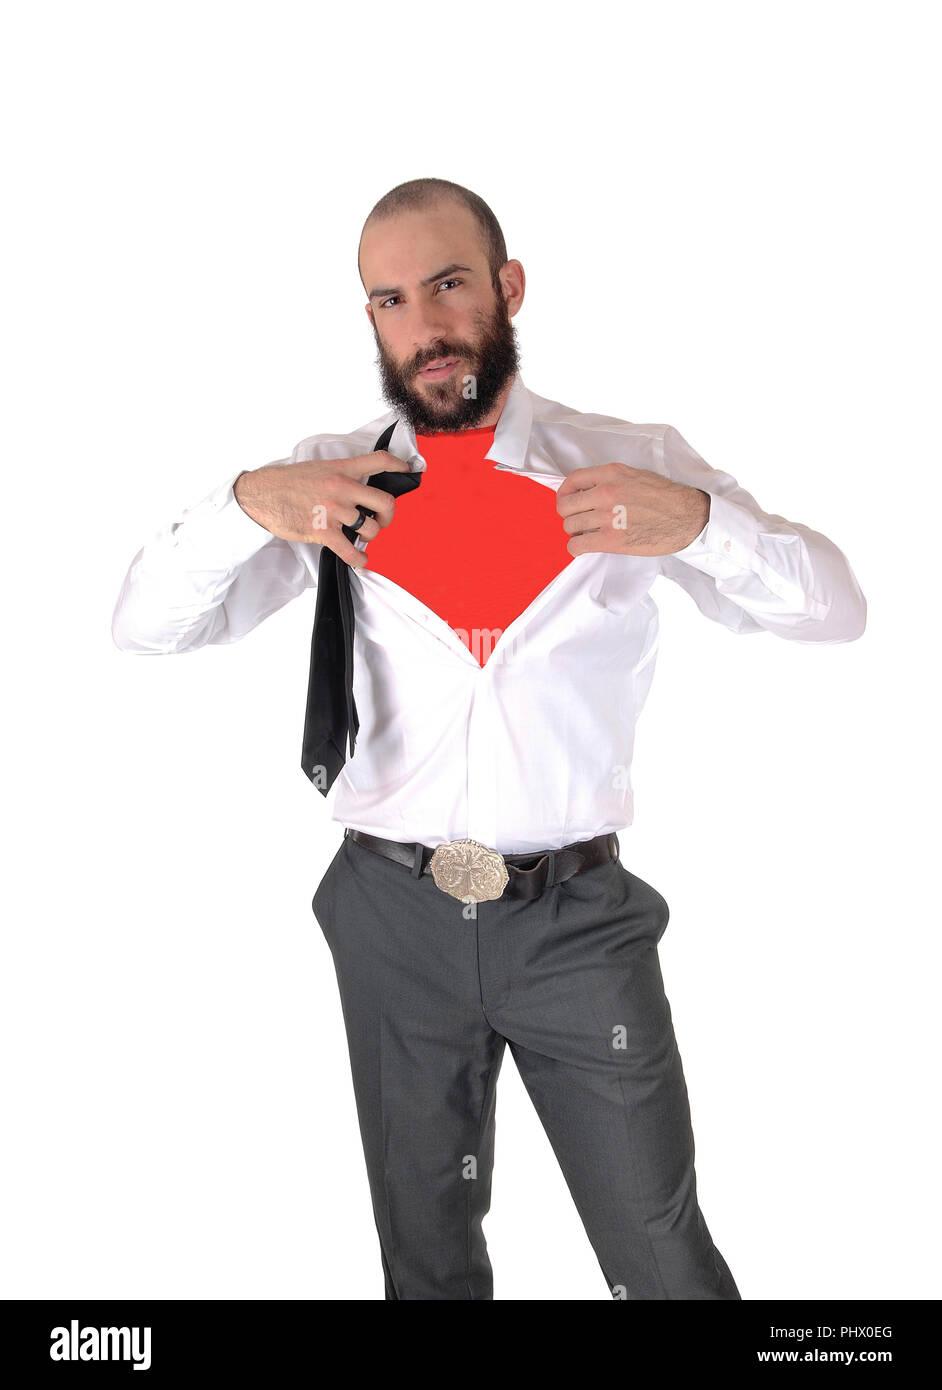 a5adfd54607322 Junge groß schöner Mann, der seine Unterhemd Stockfoto, Bild ...